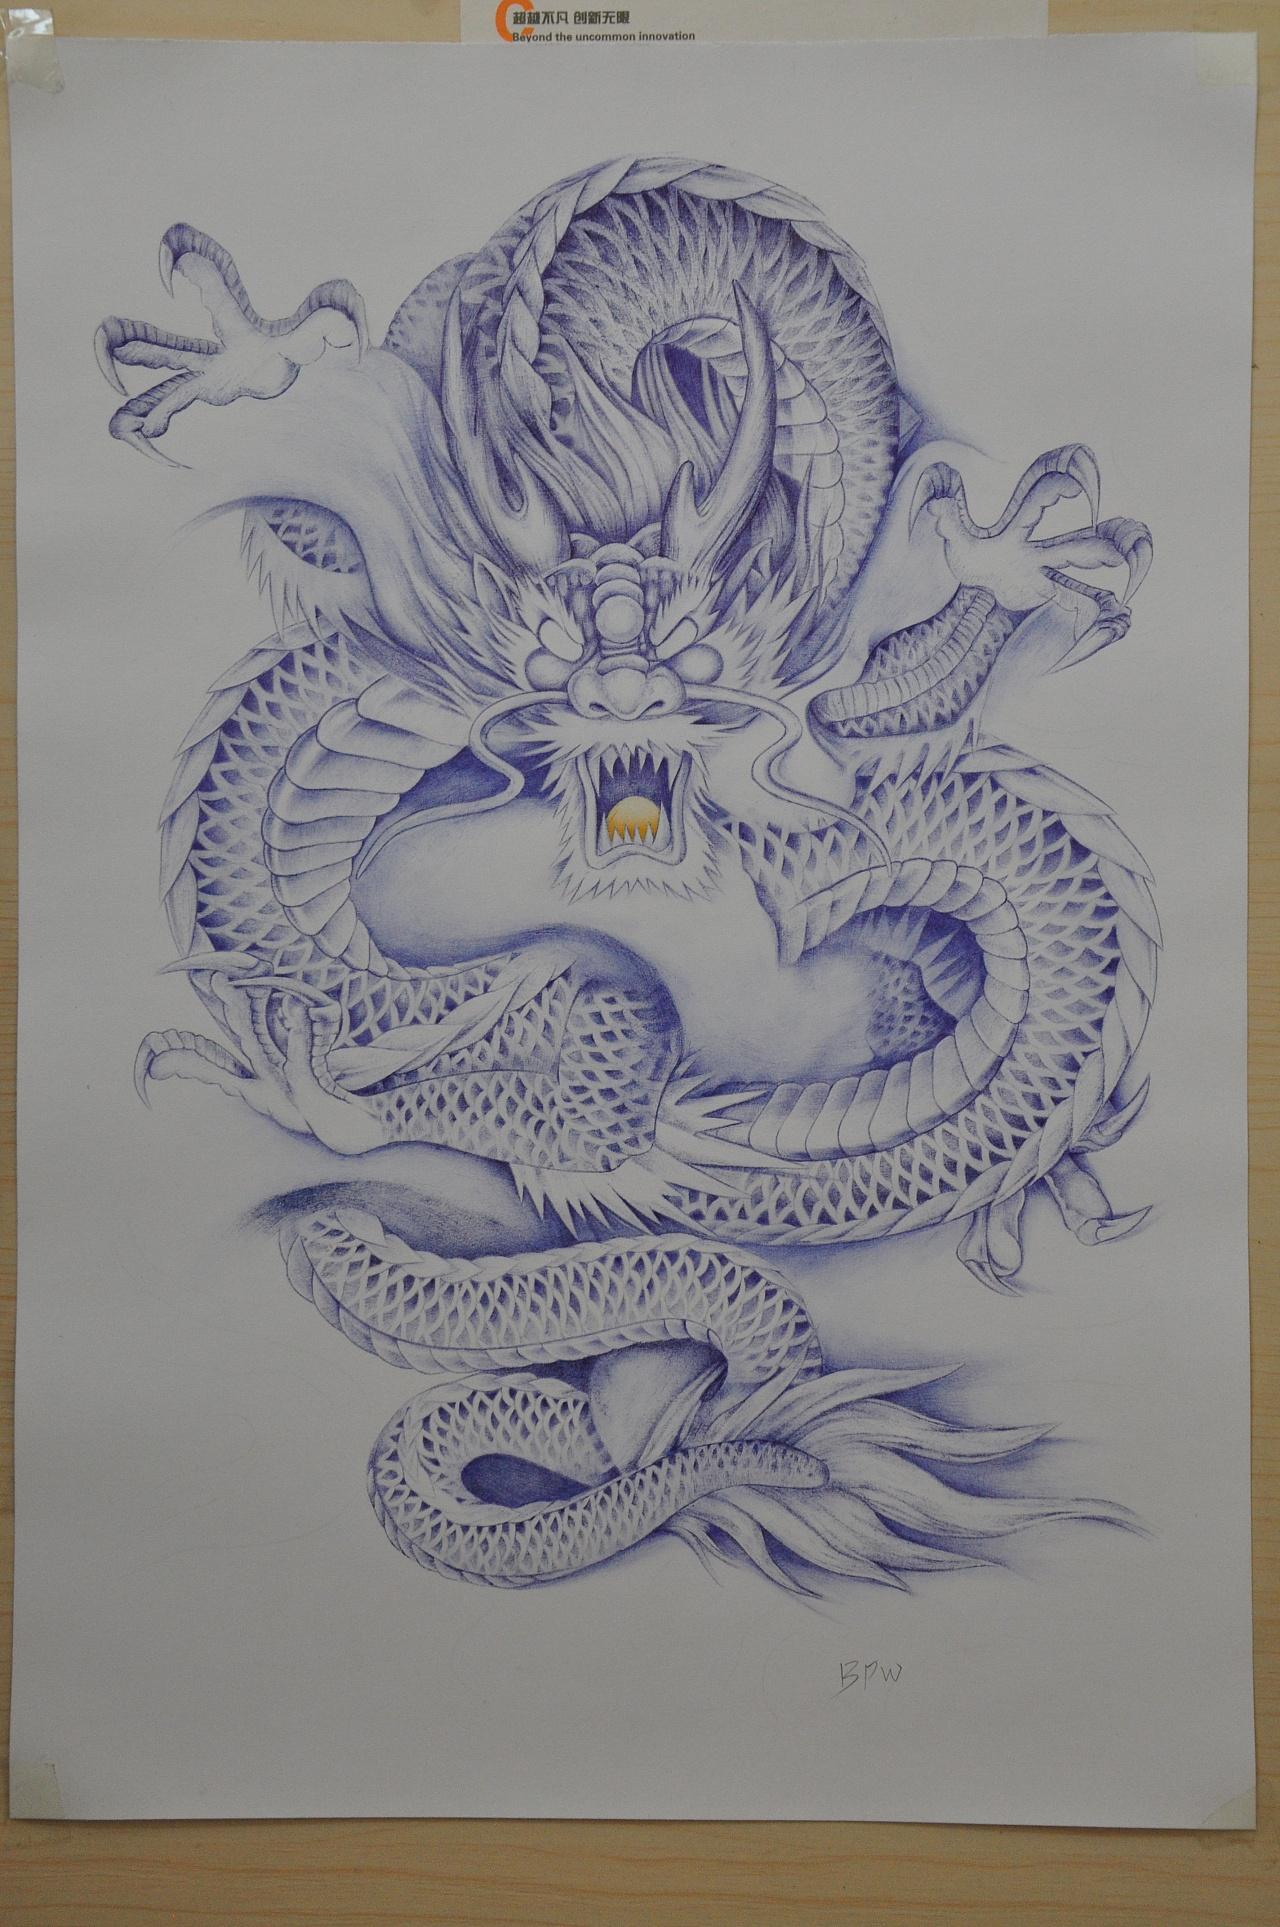 bpw--《飞龙》圆珠笔画